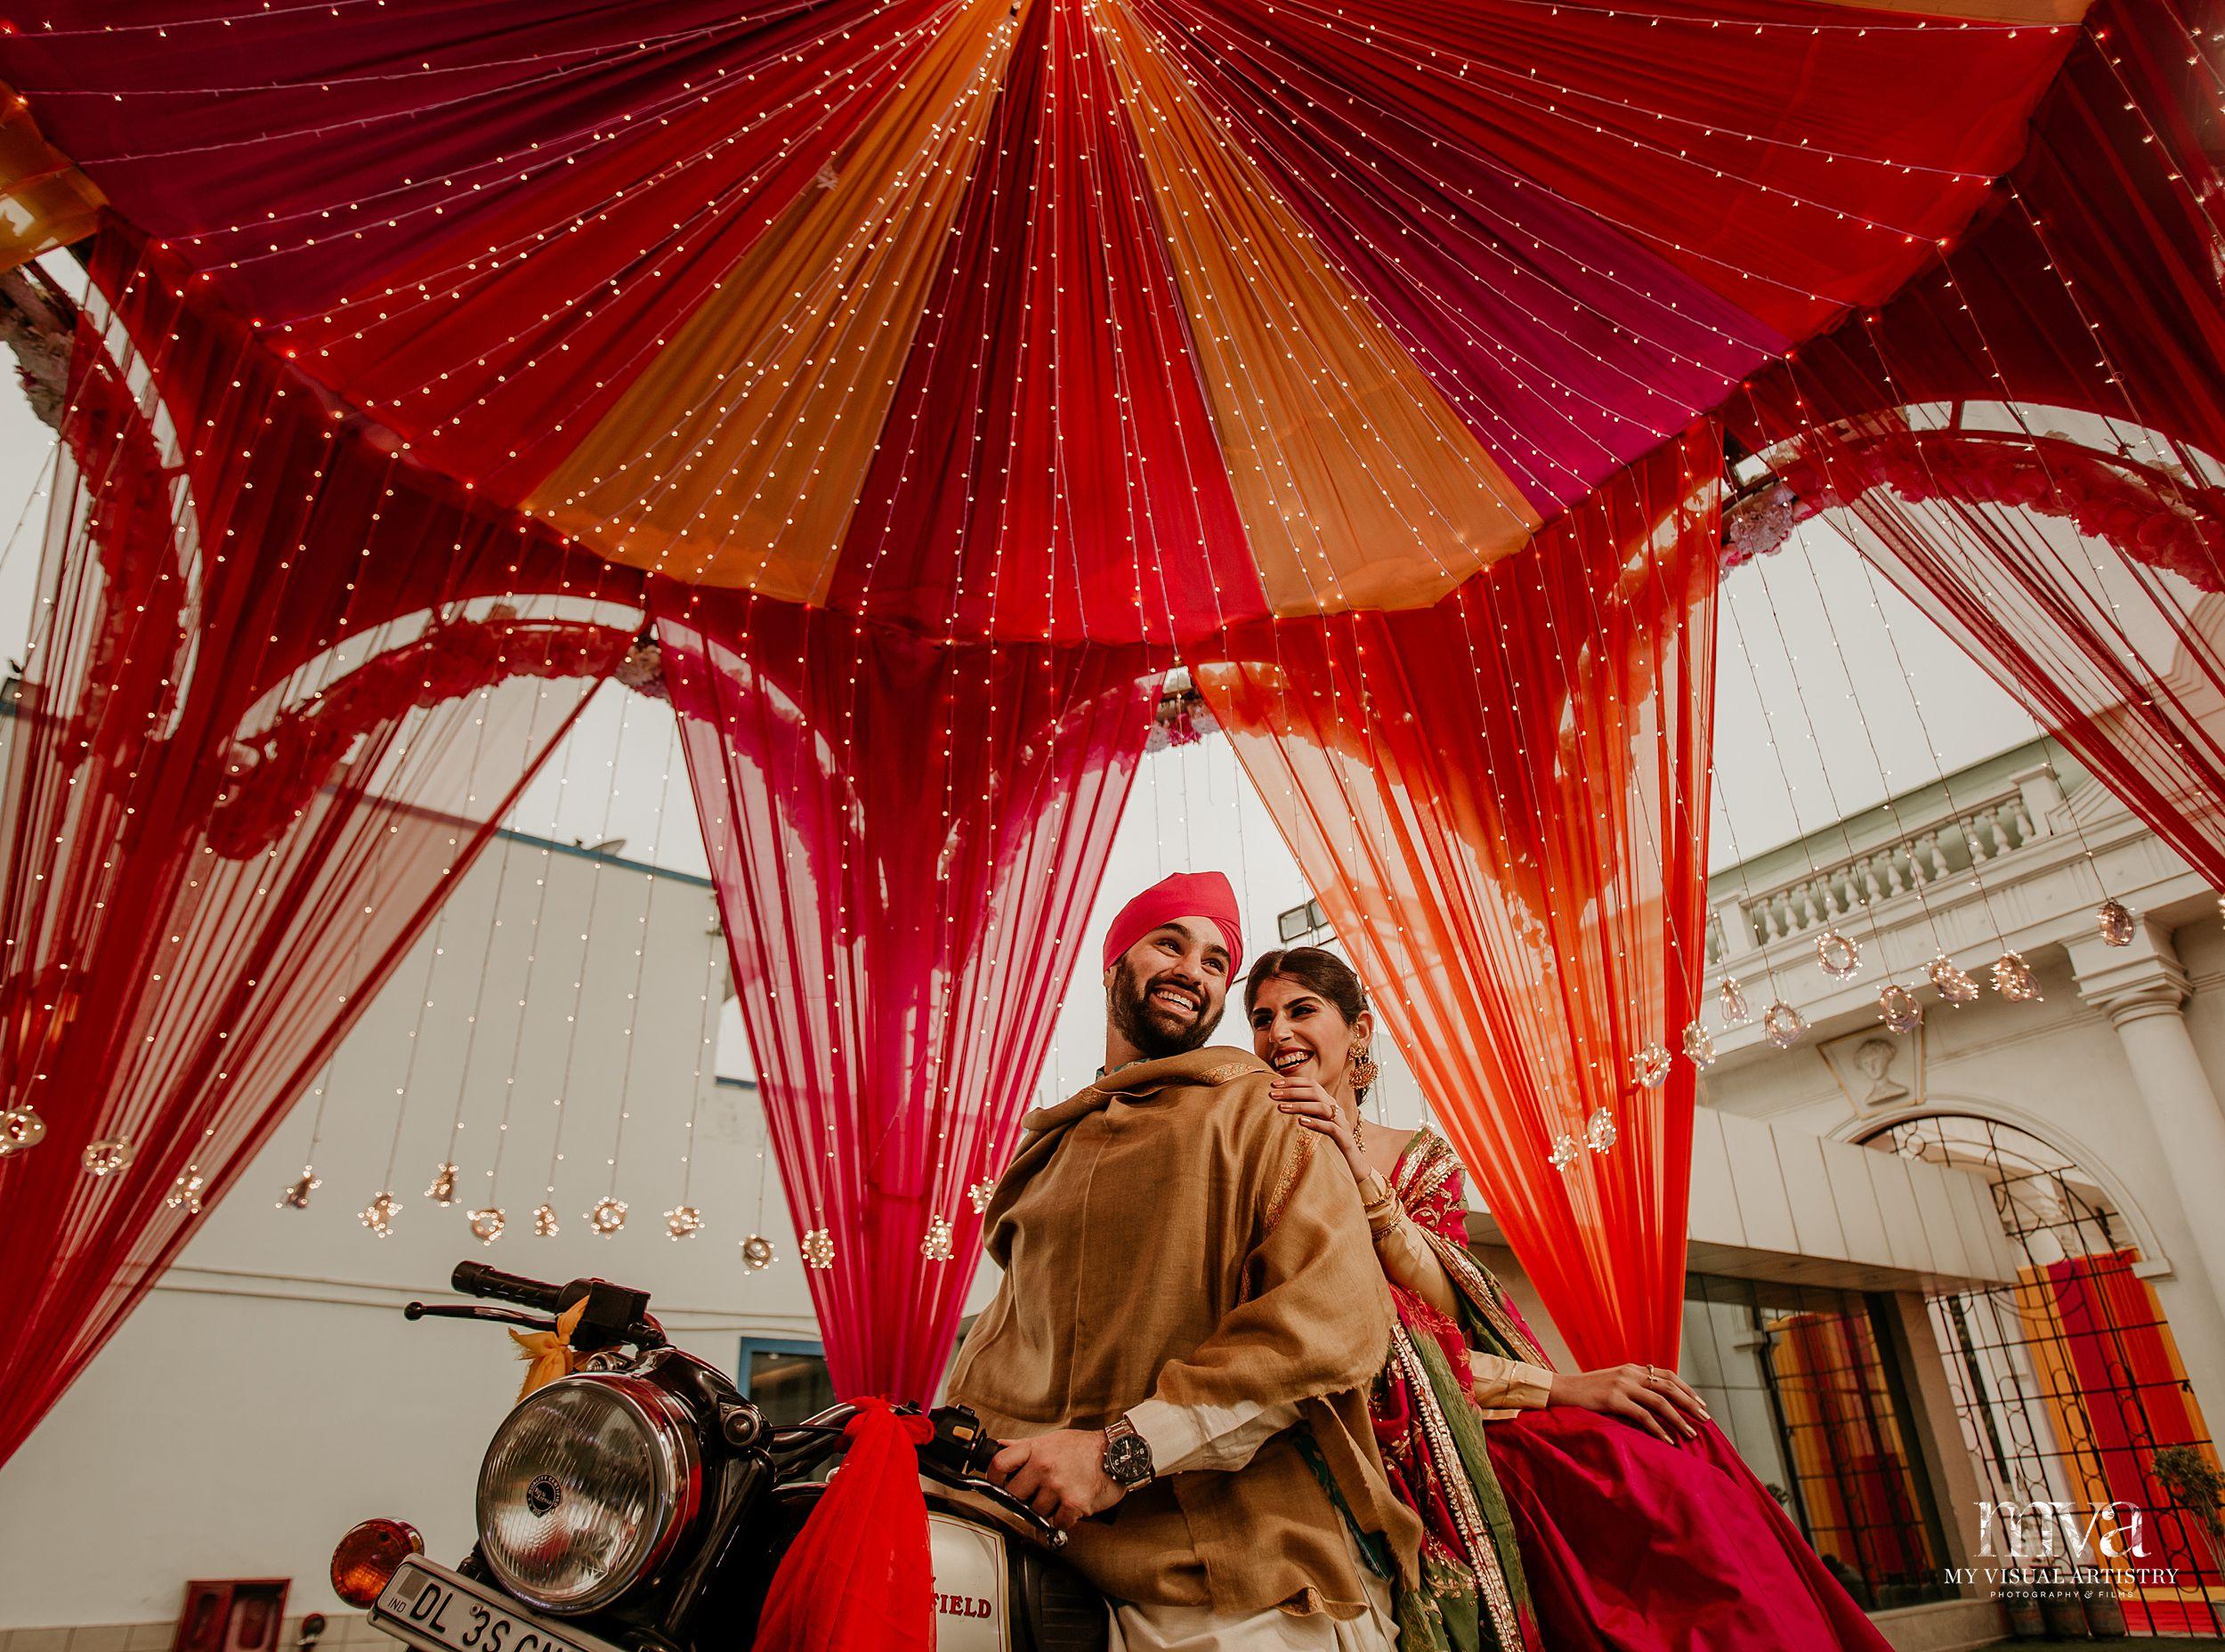 anant_arundhati_myvisualartistry_mva_wedding_sikh_ - 030.jpg